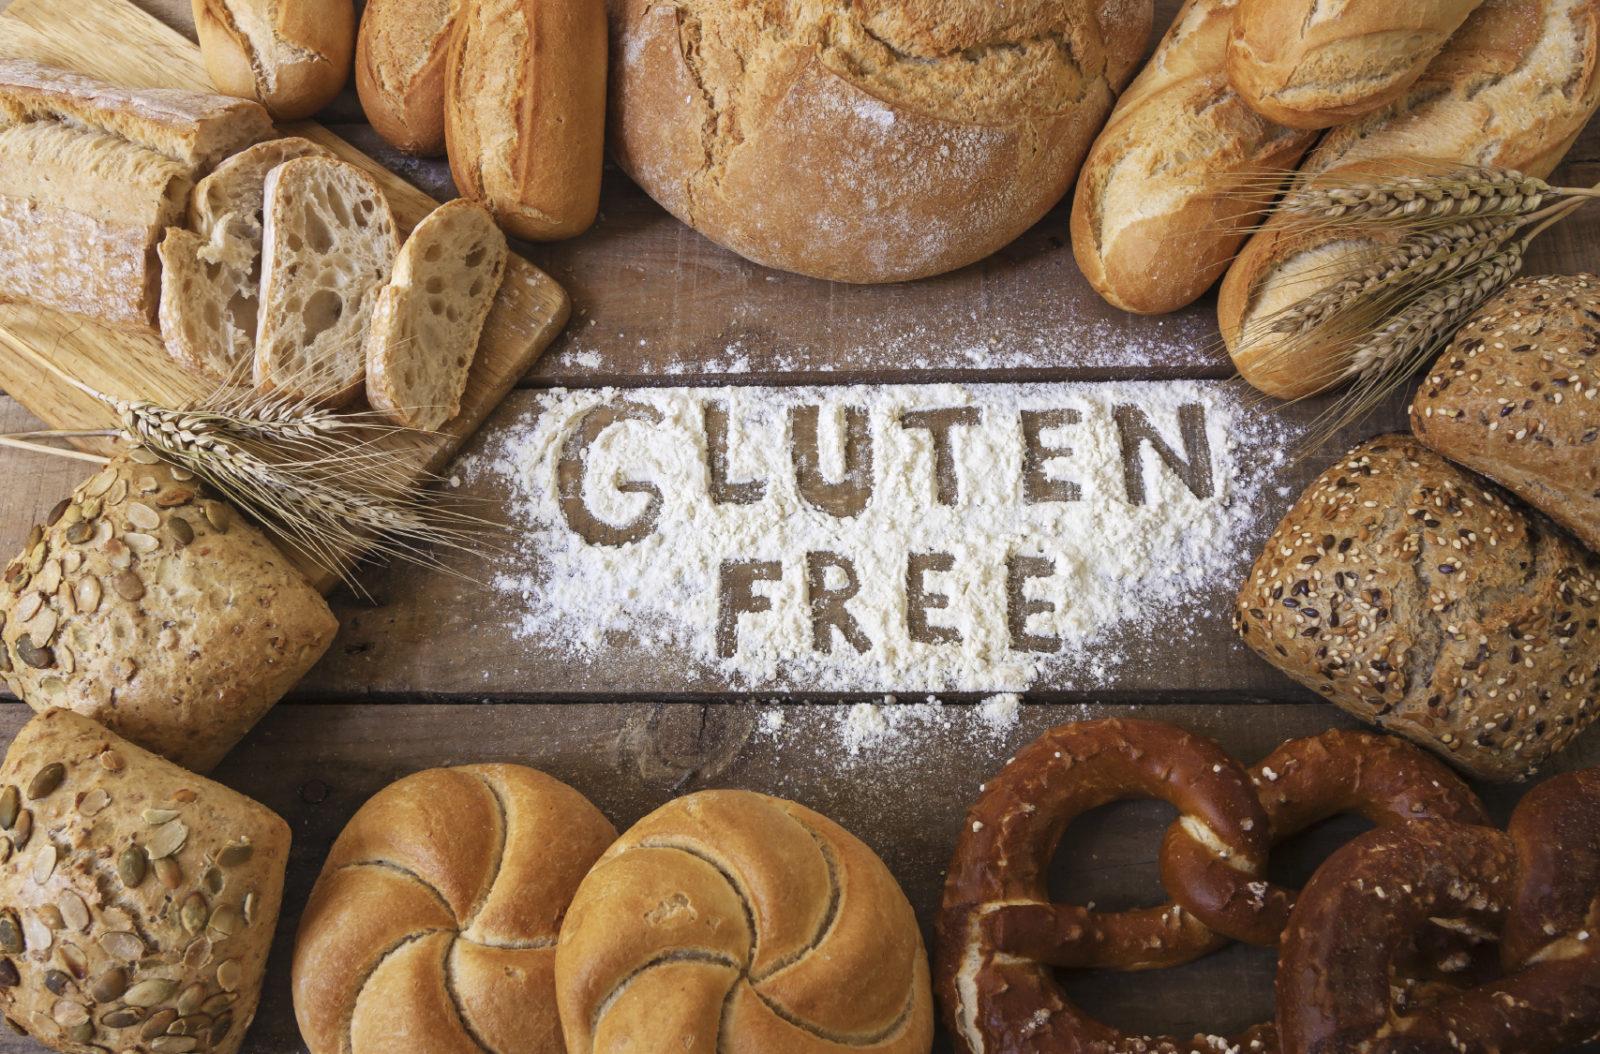 """Fotografia kolorowa. Na drewnianym stole, na środku zdjęcia rozsypano trochę białej mąki i wydrążono w niej napis """"gluten free"""". Naokoło poukładano różnego rodzaju pieczywo: chleb, bułki, precle itp. z różnego rodzaju mąki."""